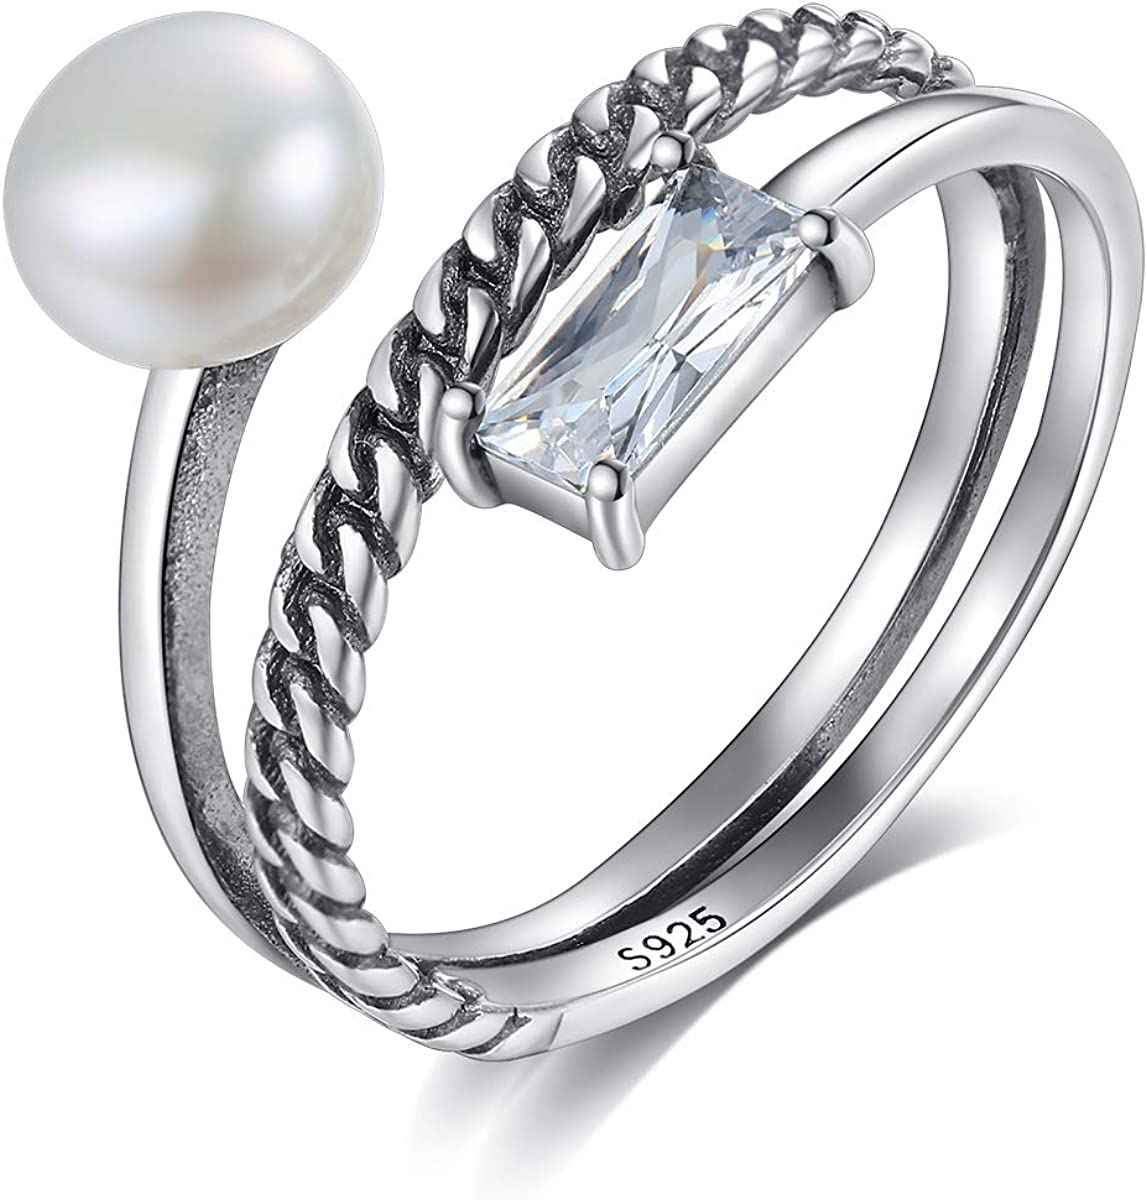 Kämise - Anillo de plata de ley 925 con 3 capas de perlas y circonitas cúbicas para mujer, con cierre de cuerda, ajustable, con caja de regalo